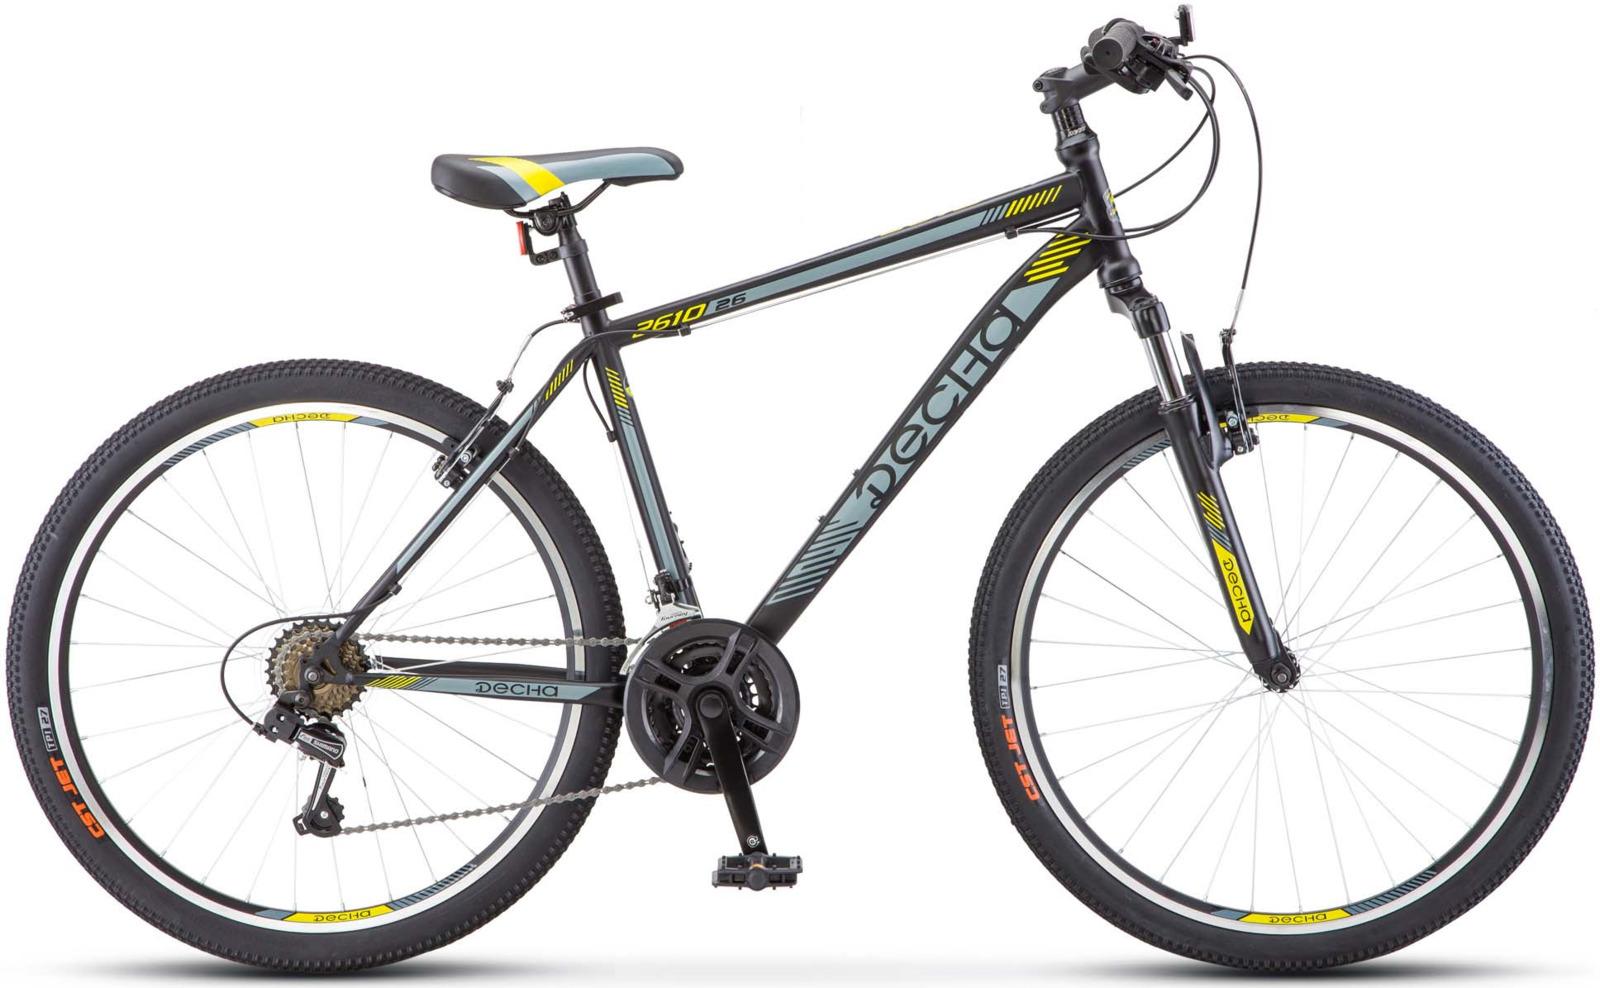 Велосипед Stels Десна-2610 V 16, KUBC0044782017, черный велосипед stels challenger v 2016